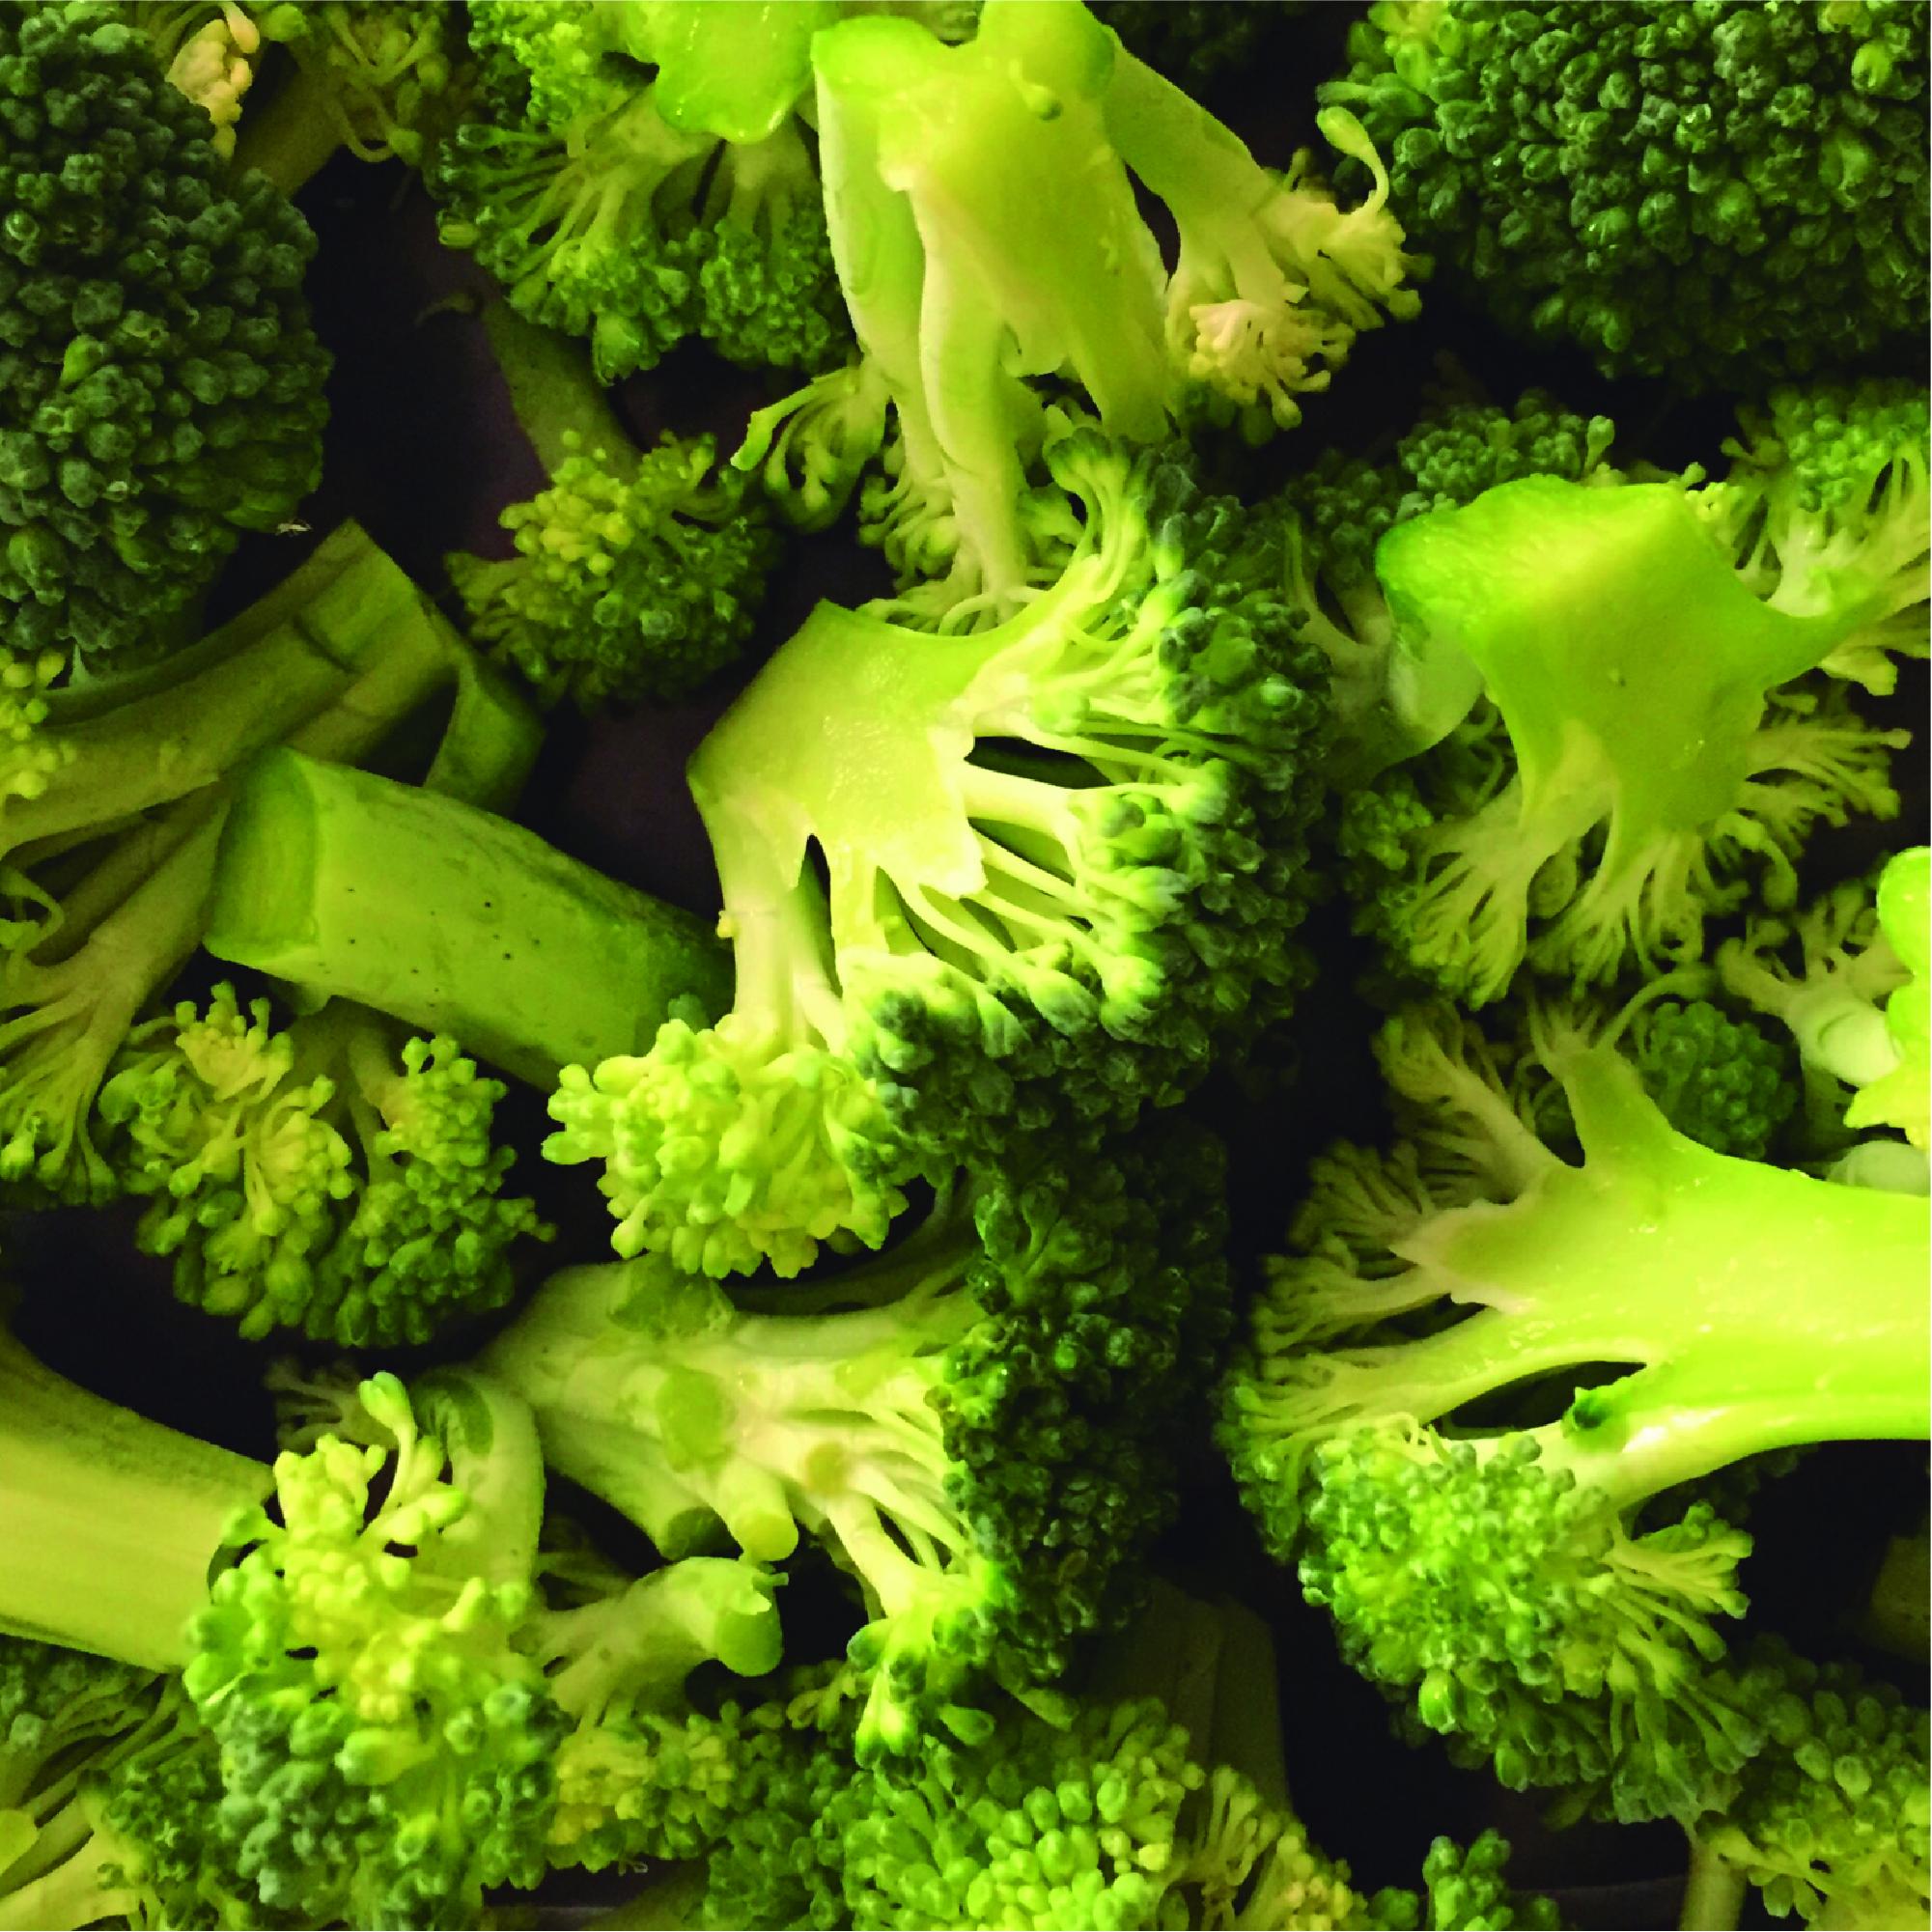 El brócoli aporta gran cantidad de nutrientes y vitaminas a nuestro organismo